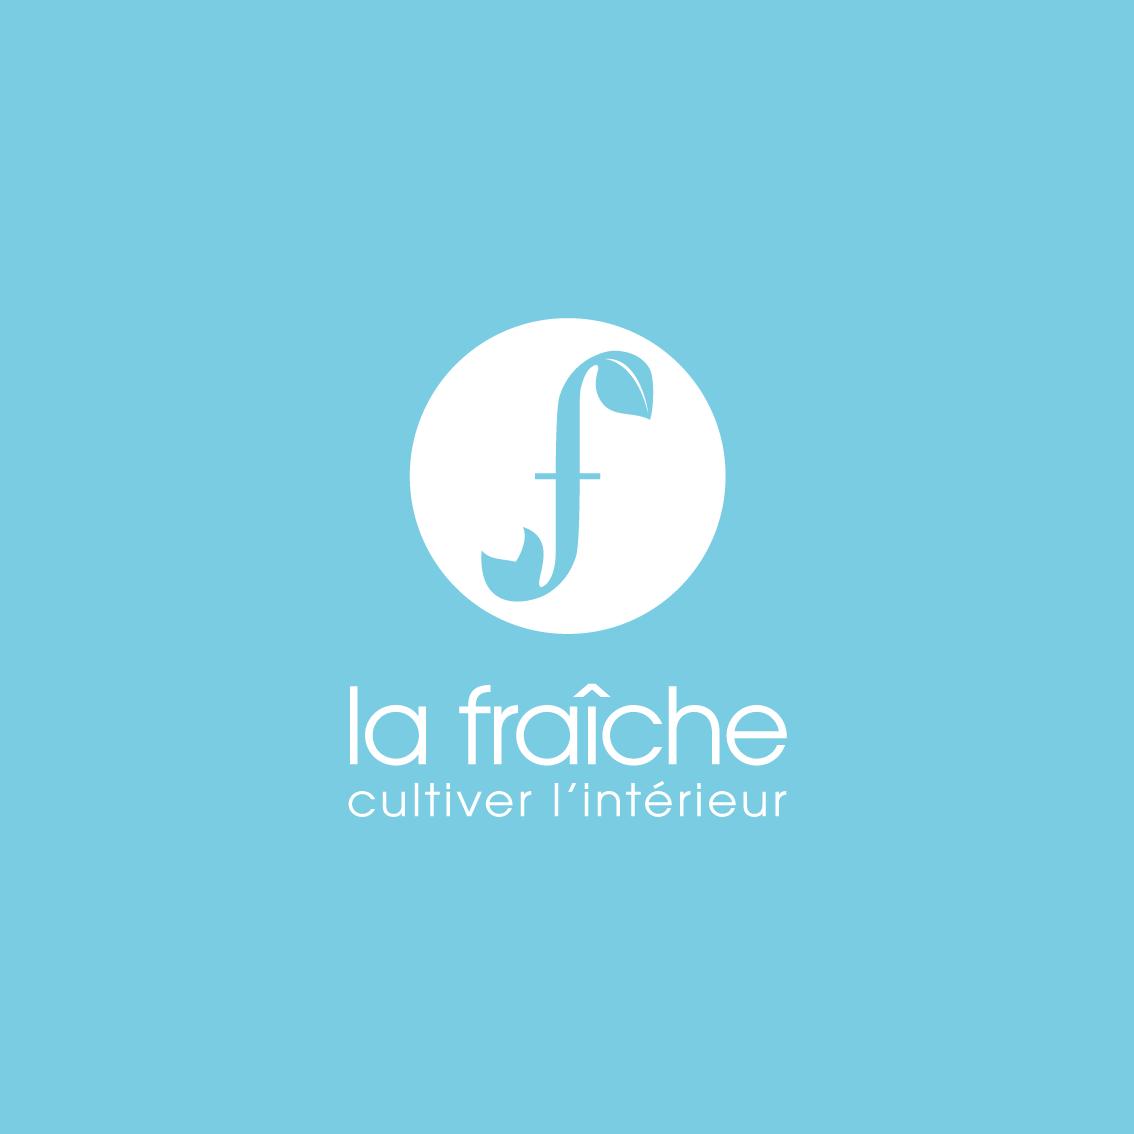 20180924_la-fraîche_vertic_blanc_baseline.png